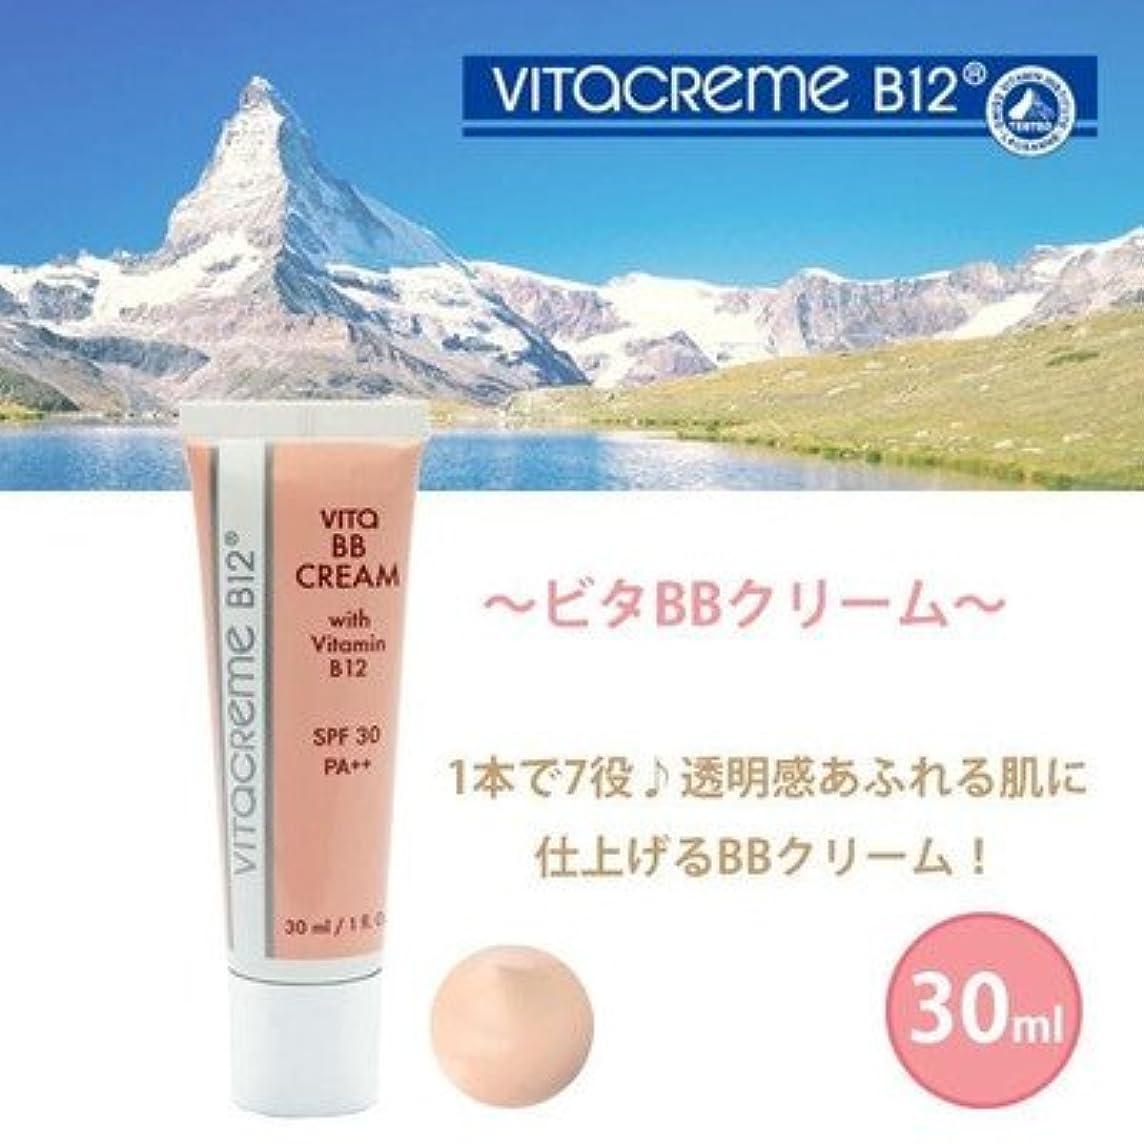 サイバースペース移動ほとんどない透明感のある艶やかなお肌に ビタBBクリーム 30ml 正規品 VTB238